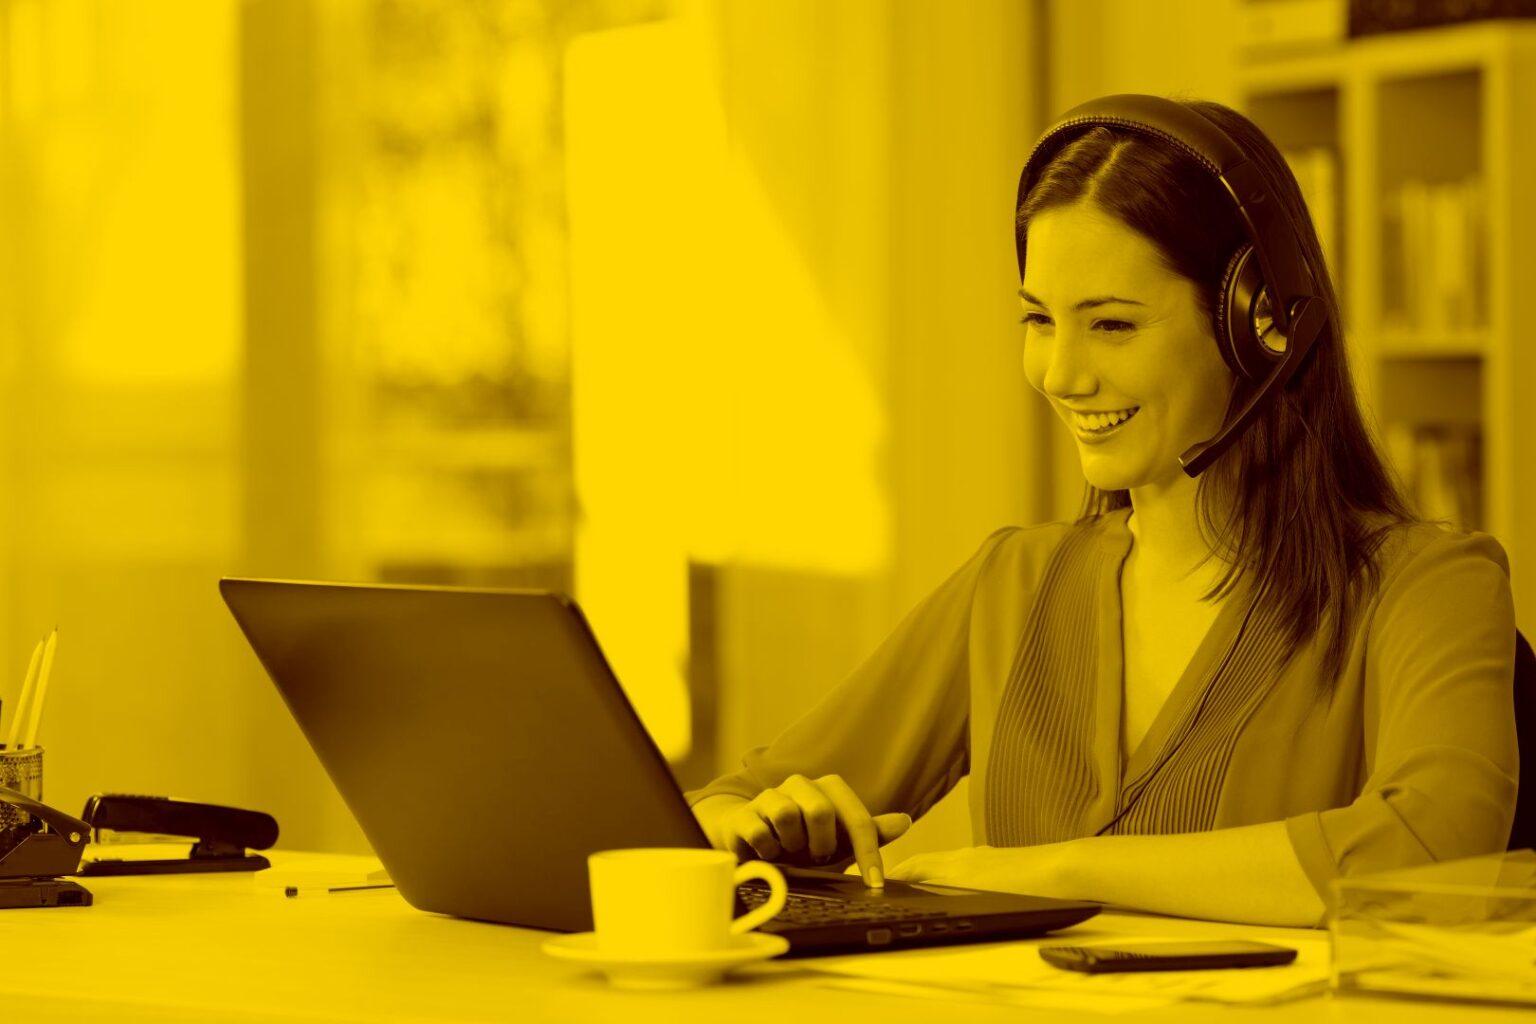 Frau arbeitet im homeoffice und nutzt dabei Desktop as a Service